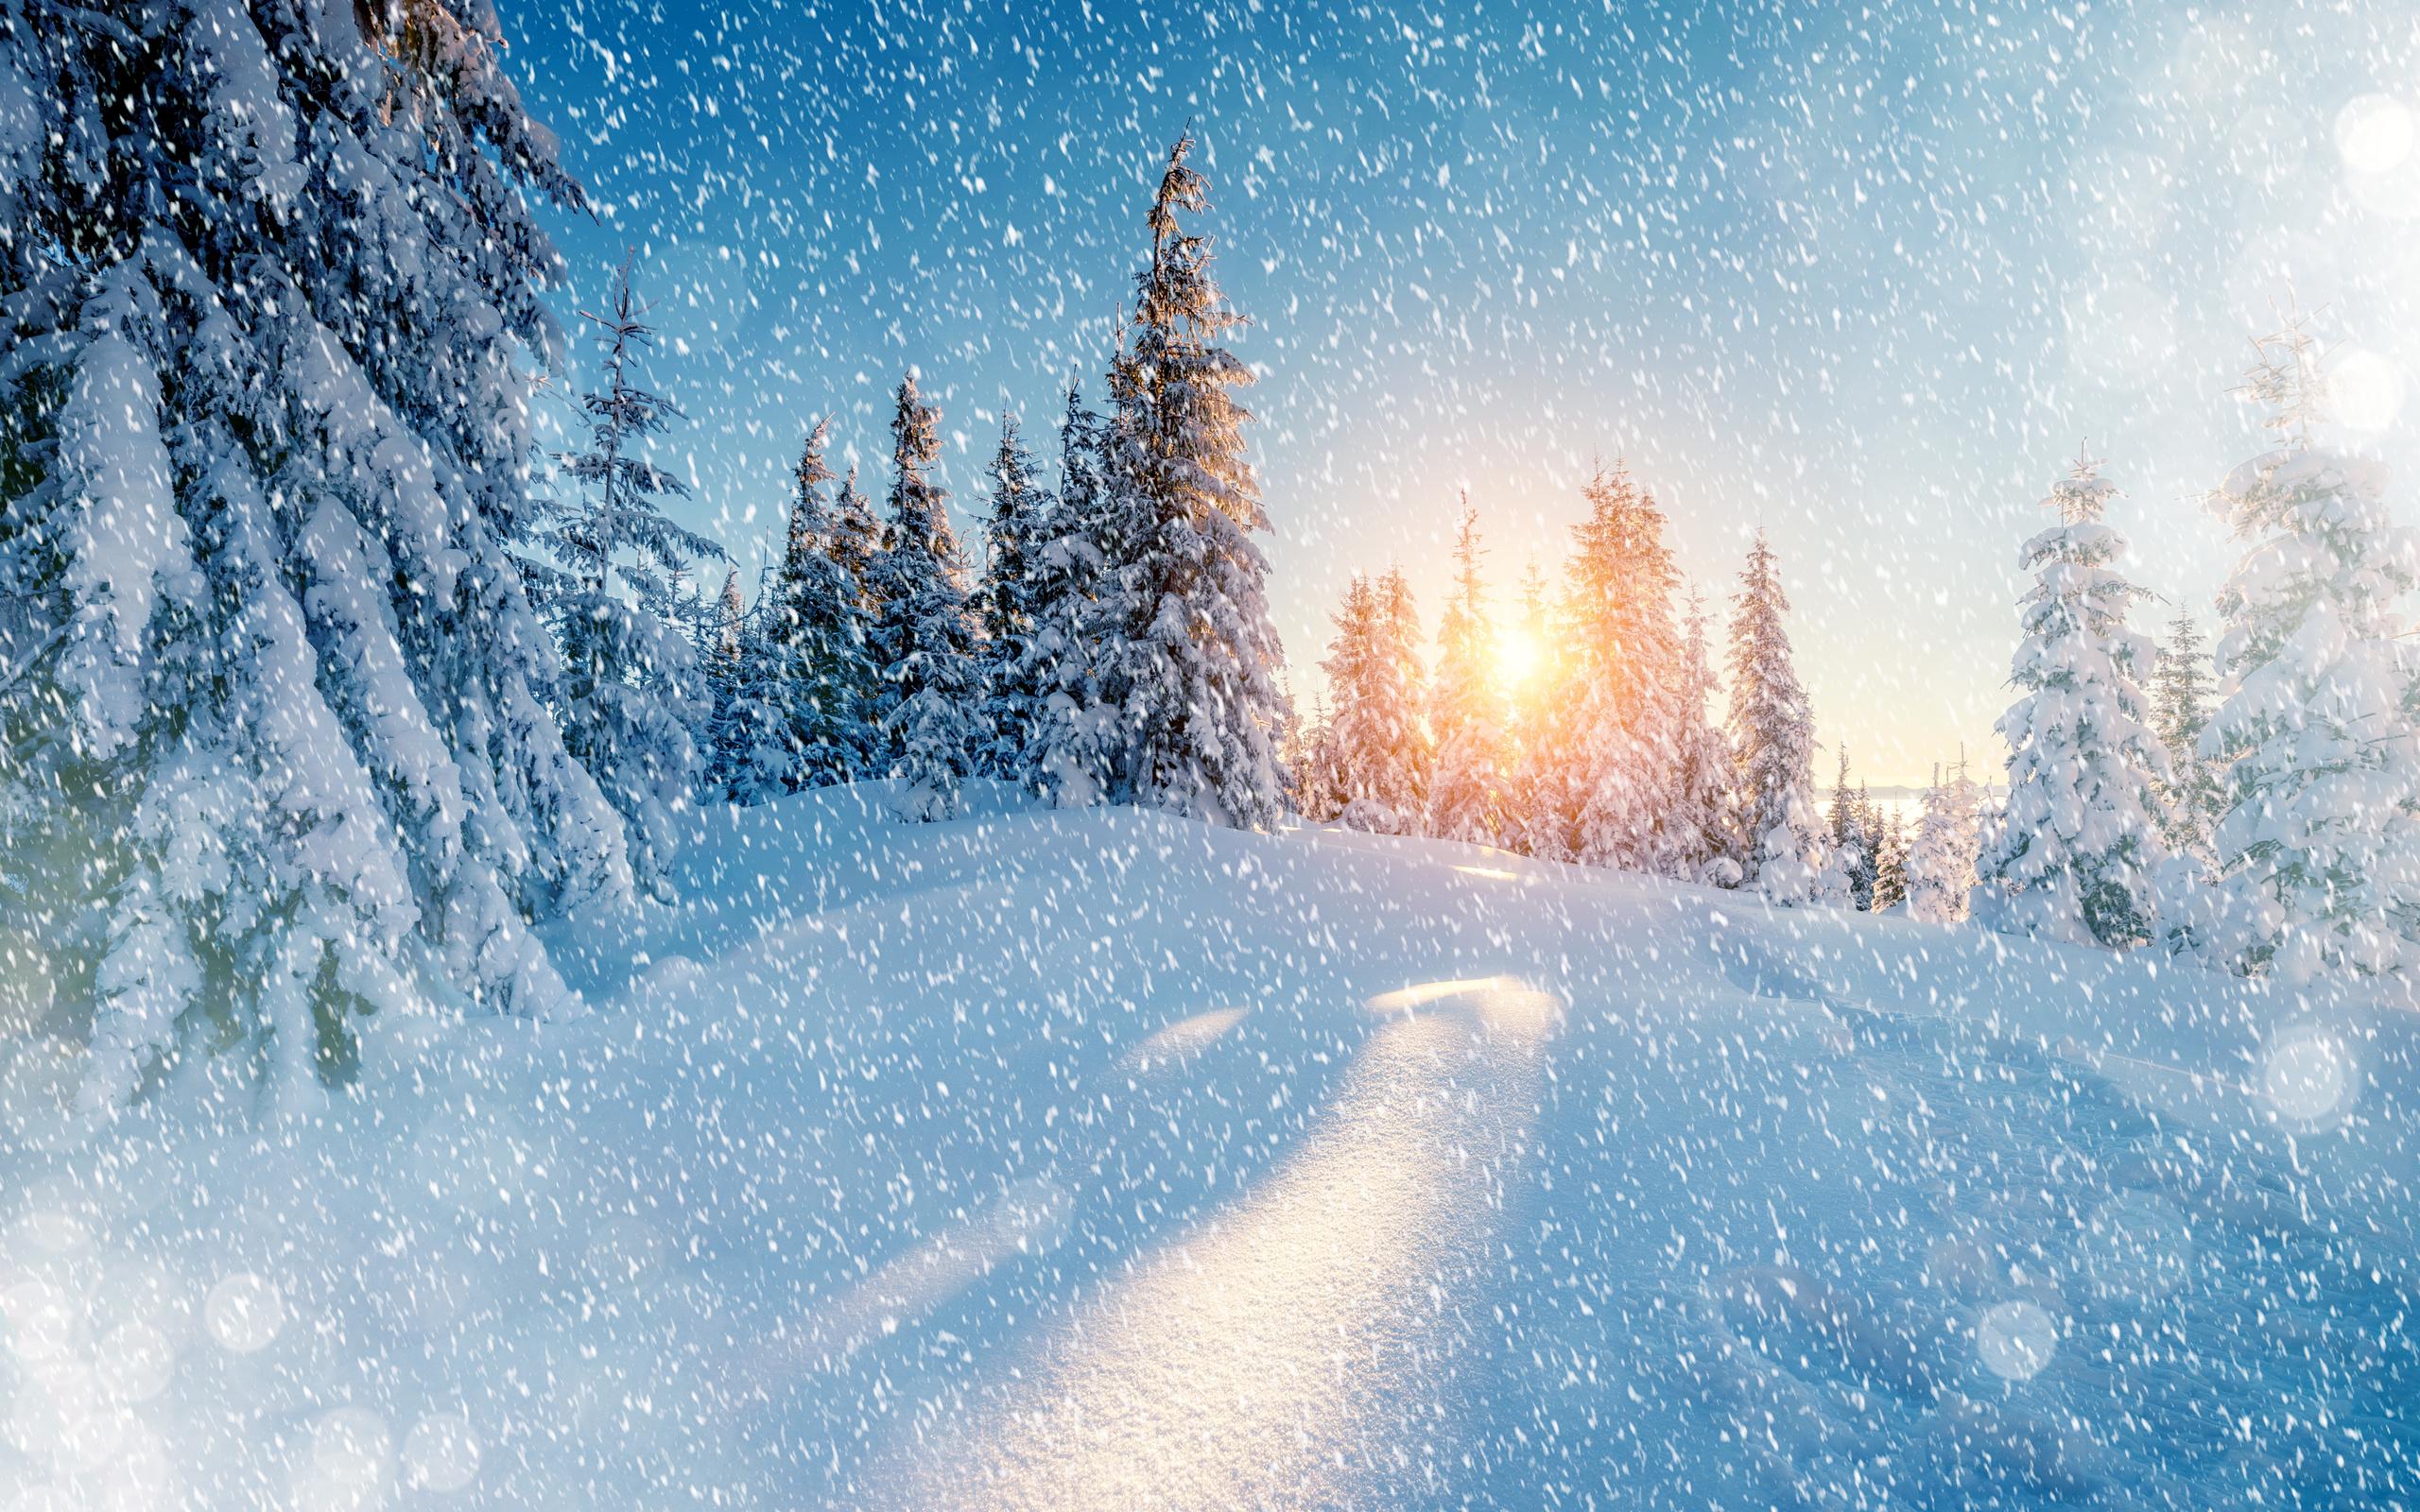 зимнее волшебство картинки период истории